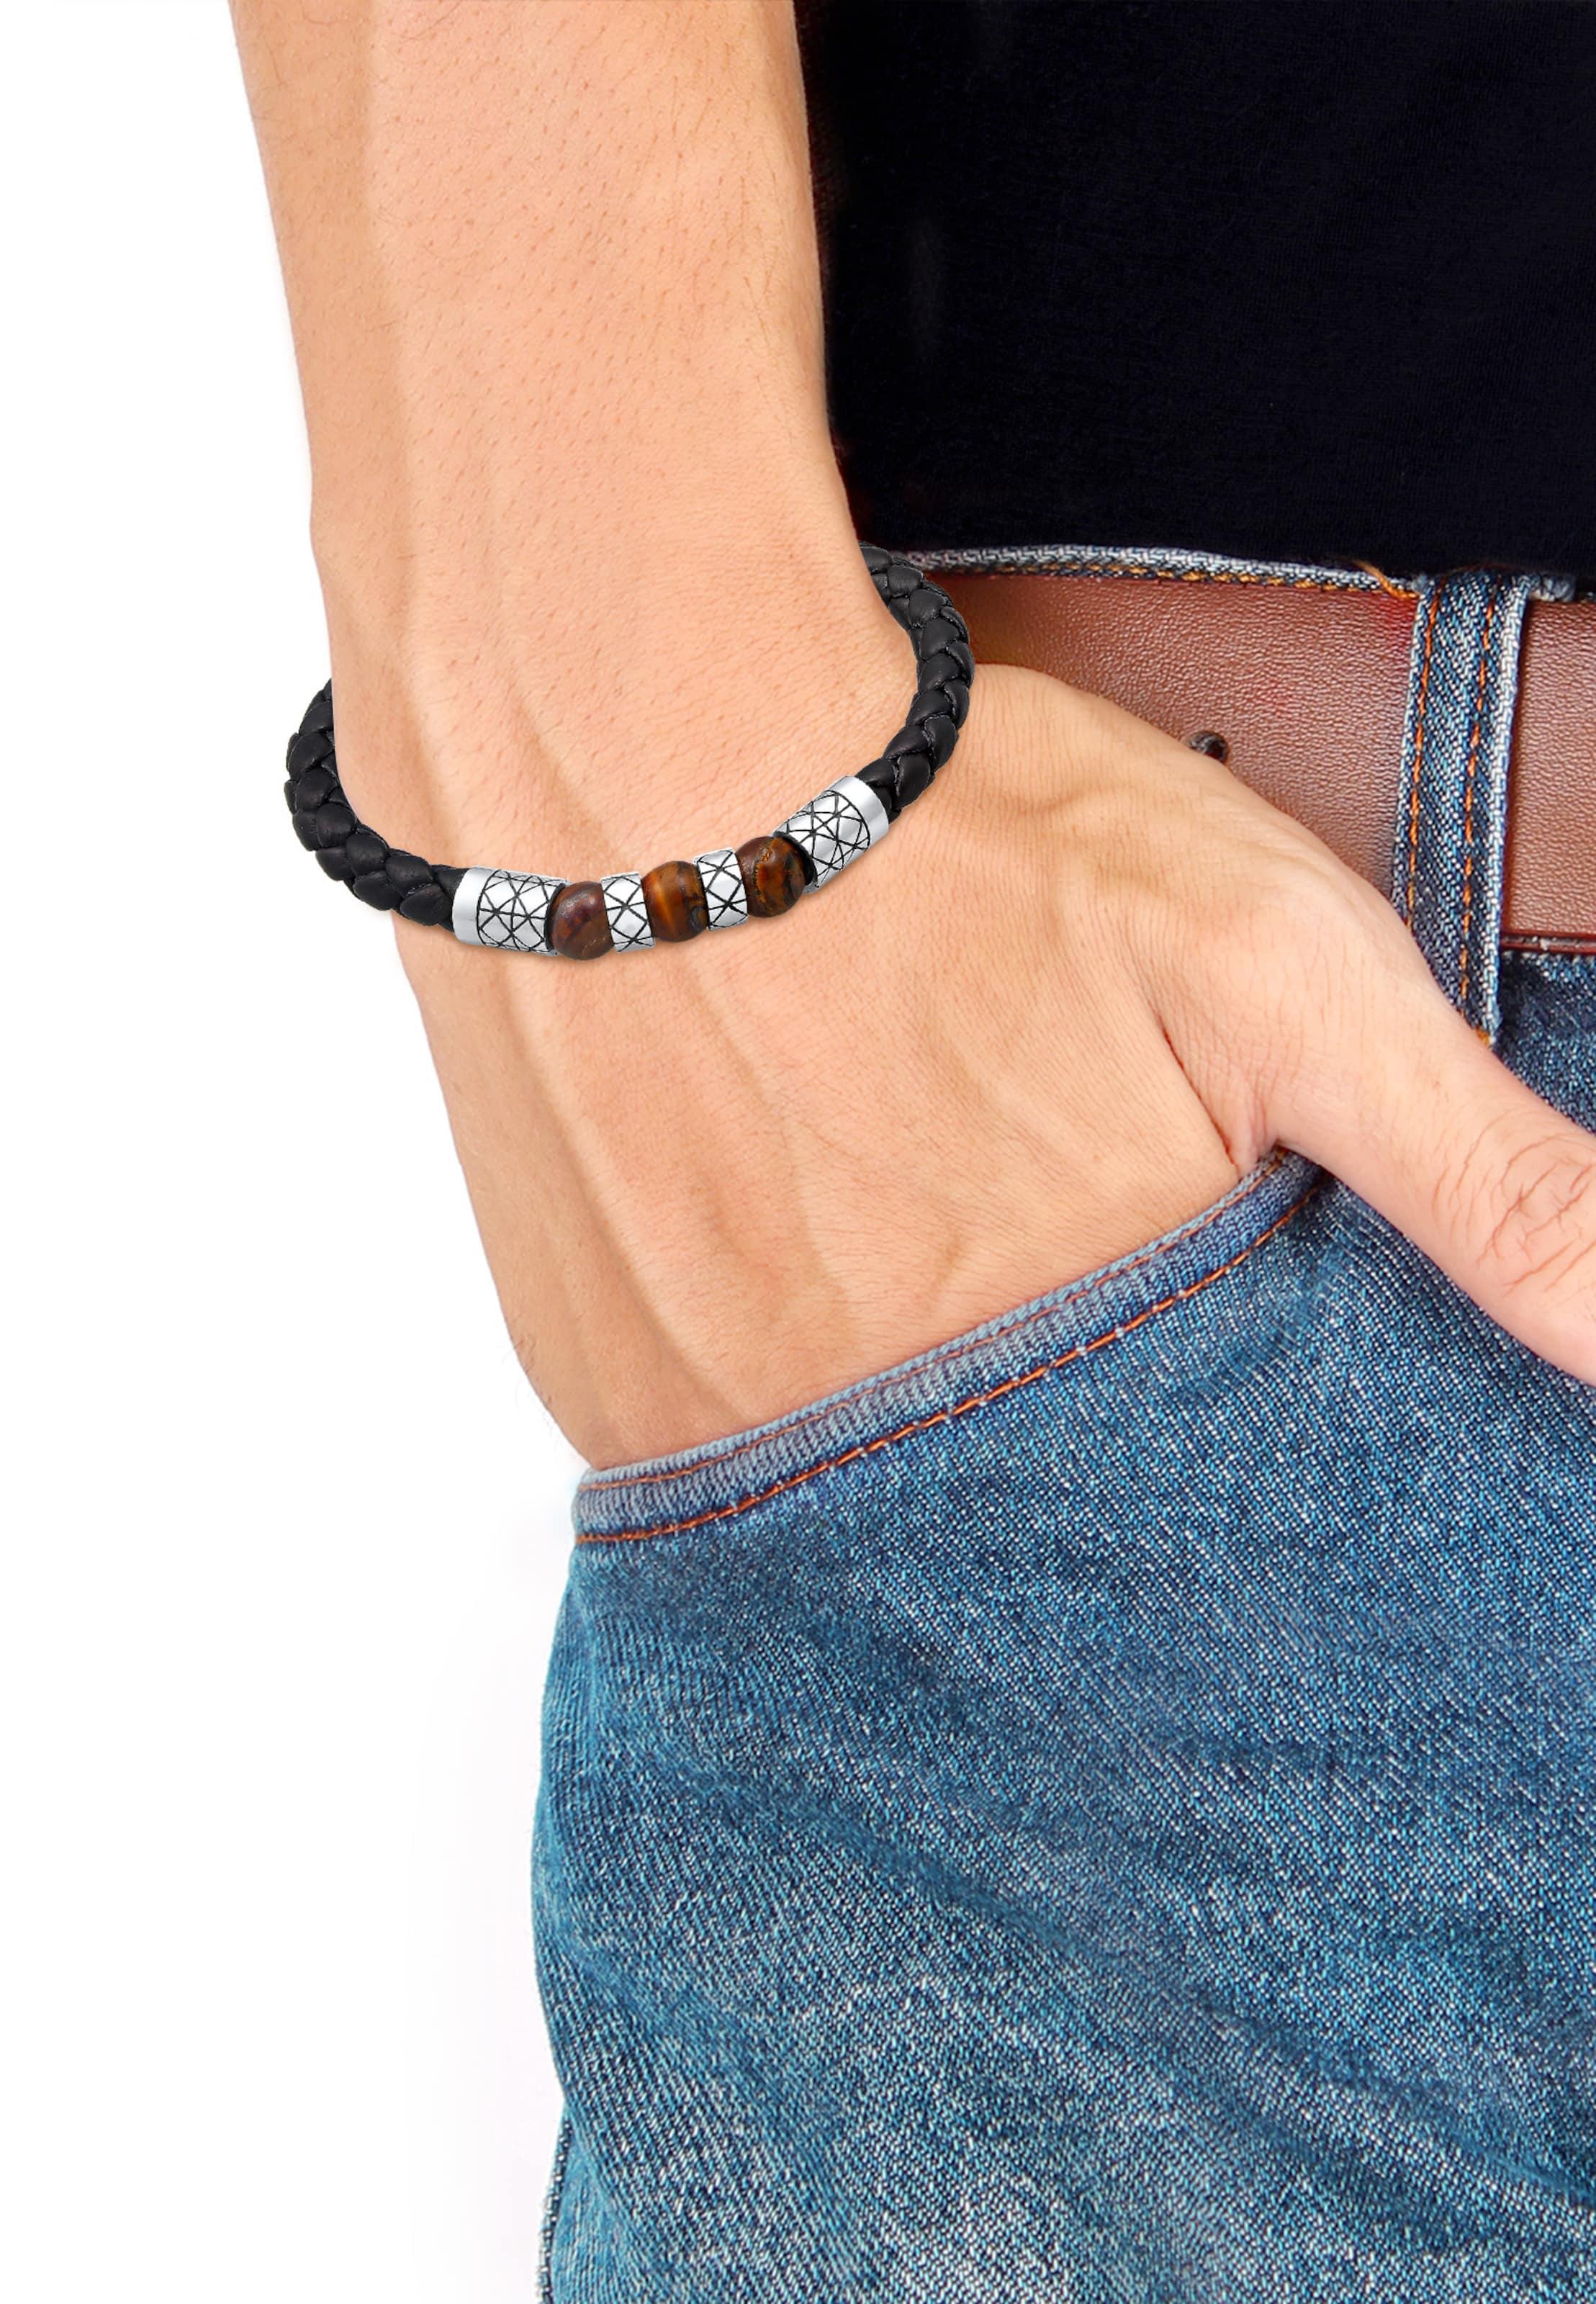 PuebloSchwarz Armband Kuzzoi Armband PuebloSchwarz In Silber In In Silber Kuzzoi Armband Kuzzoi PuebloSchwarz W9EIYebDH2